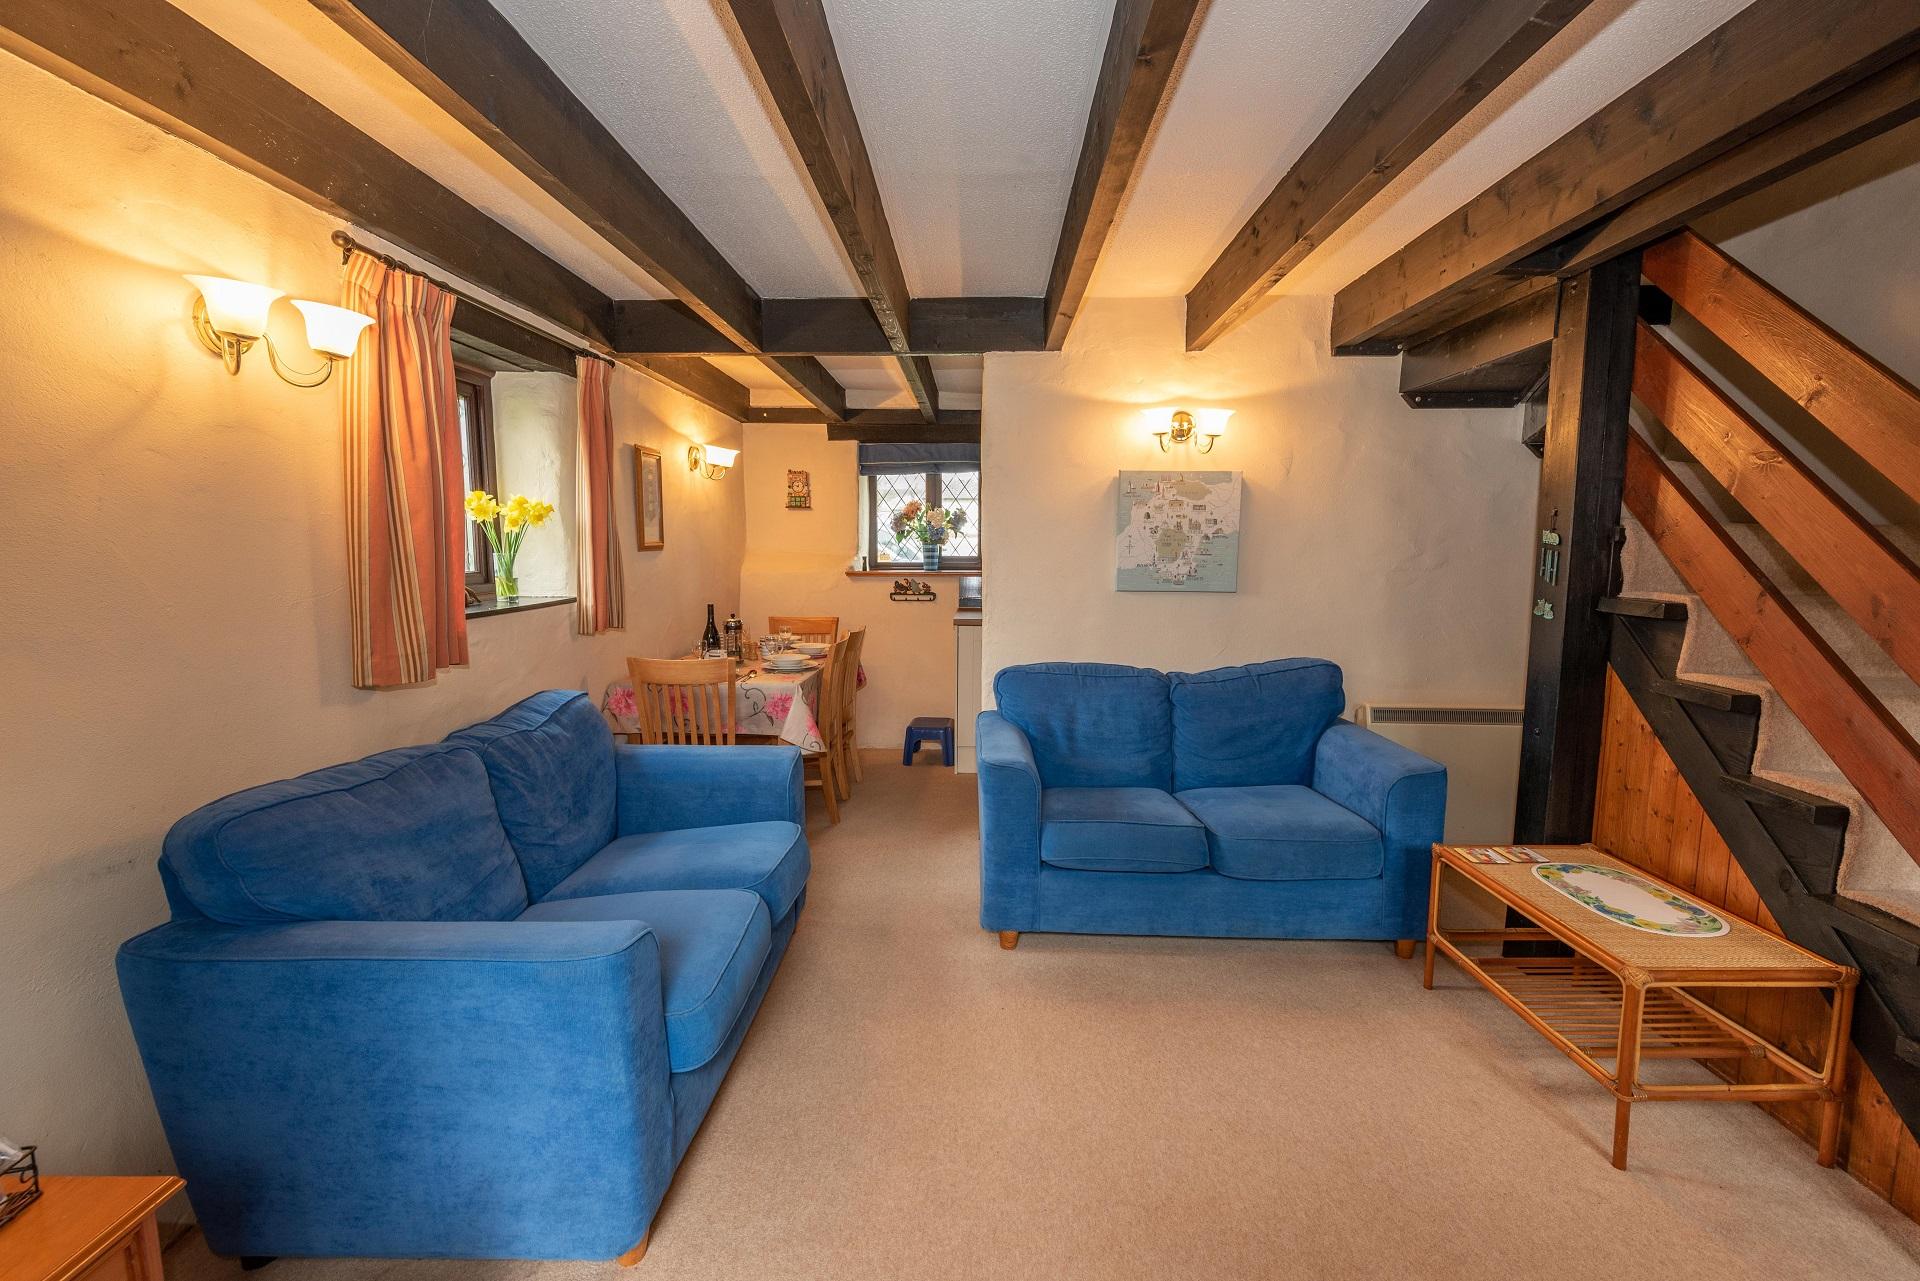 Byre Cottage Lounge Kitchen Diner 11